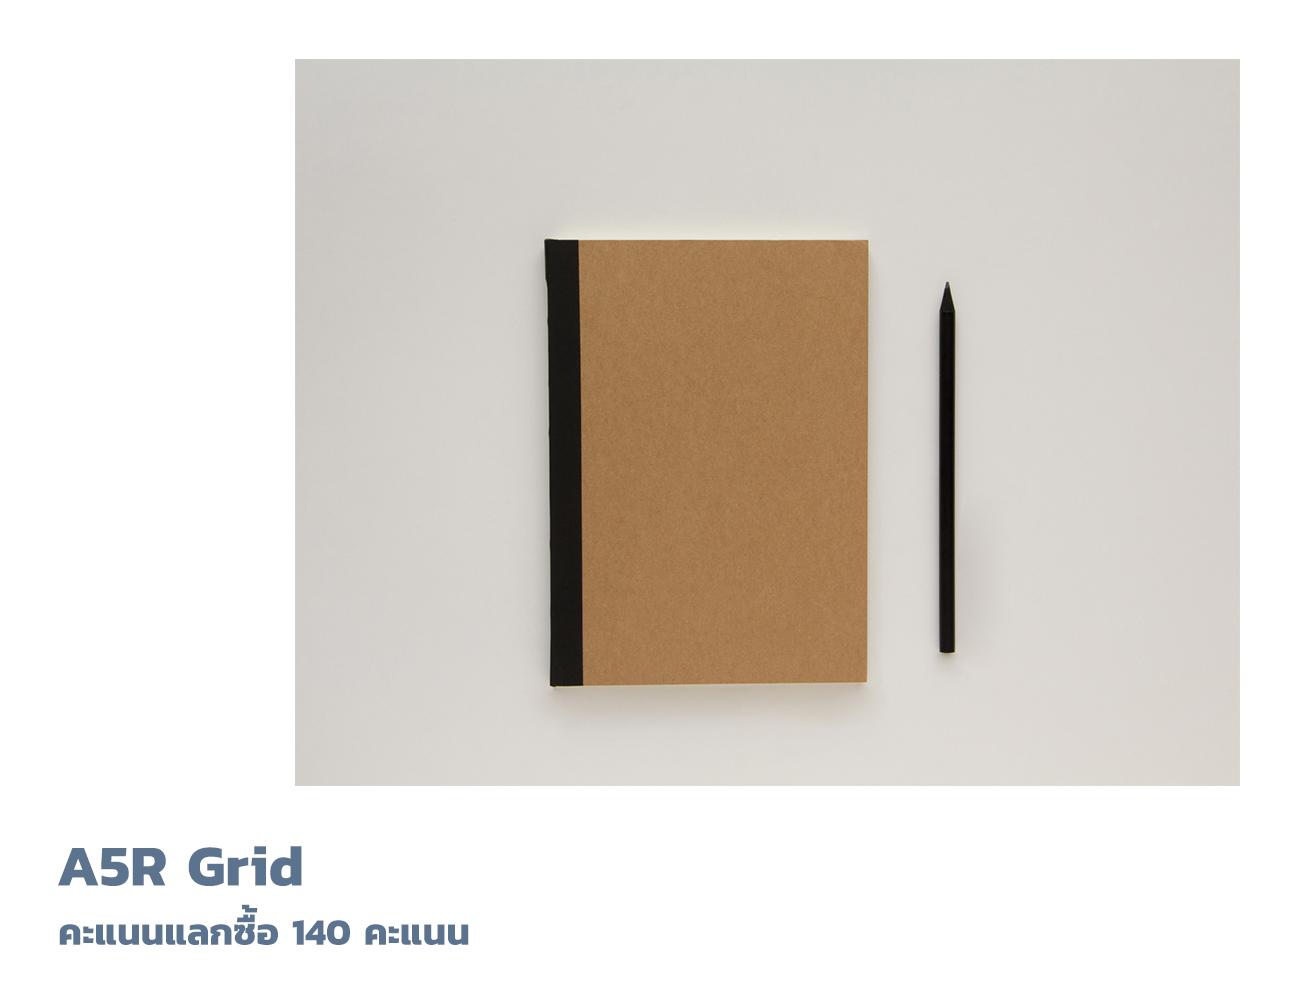 A5R Grid